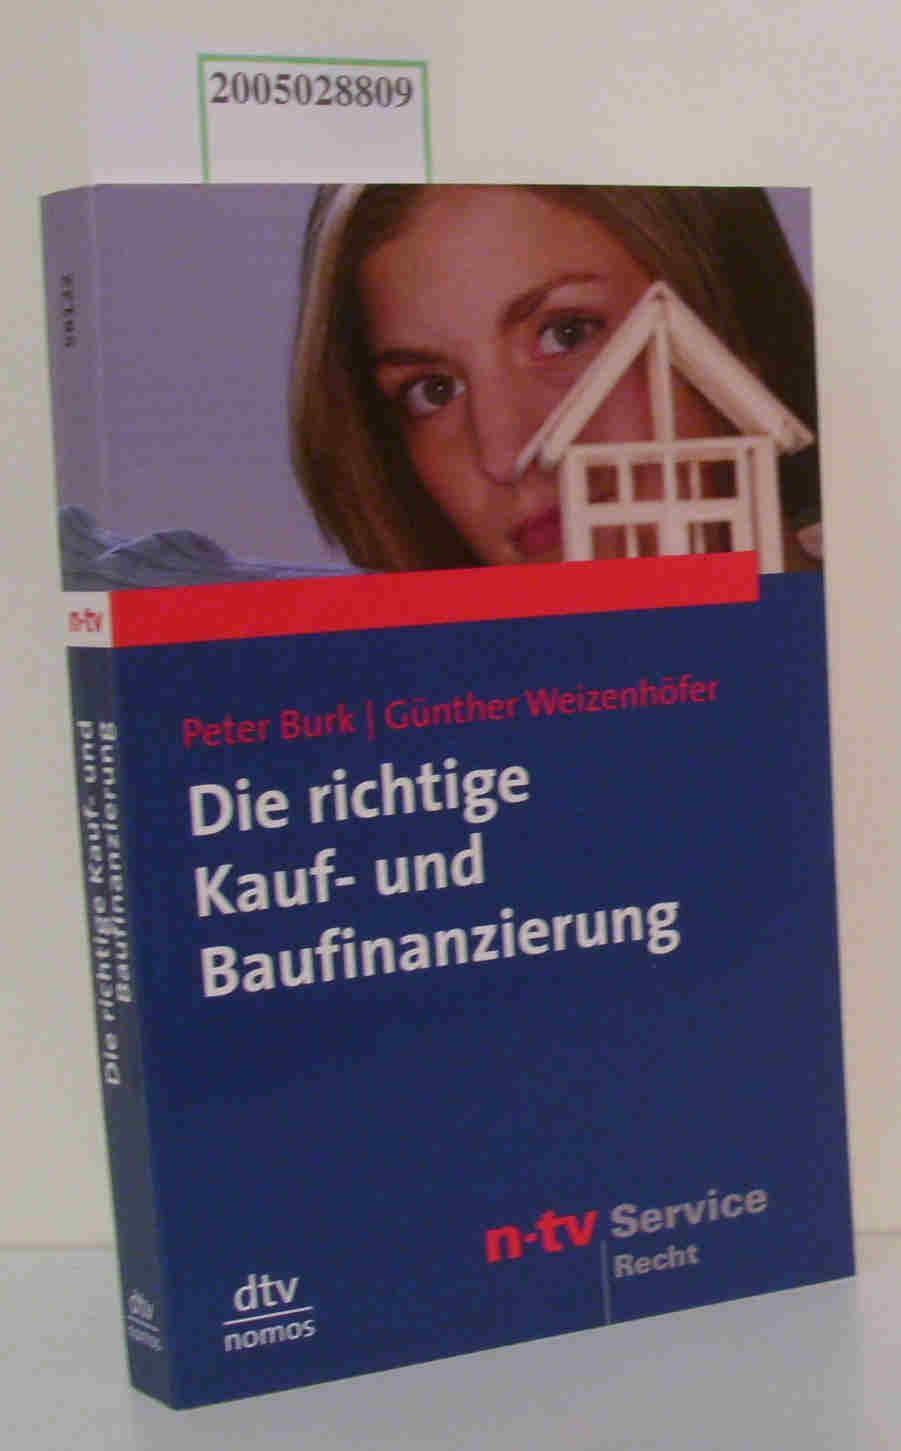 Die  richtige Kauf- und Baufinanzierung Peter Burk/Günther Weizenhöfer